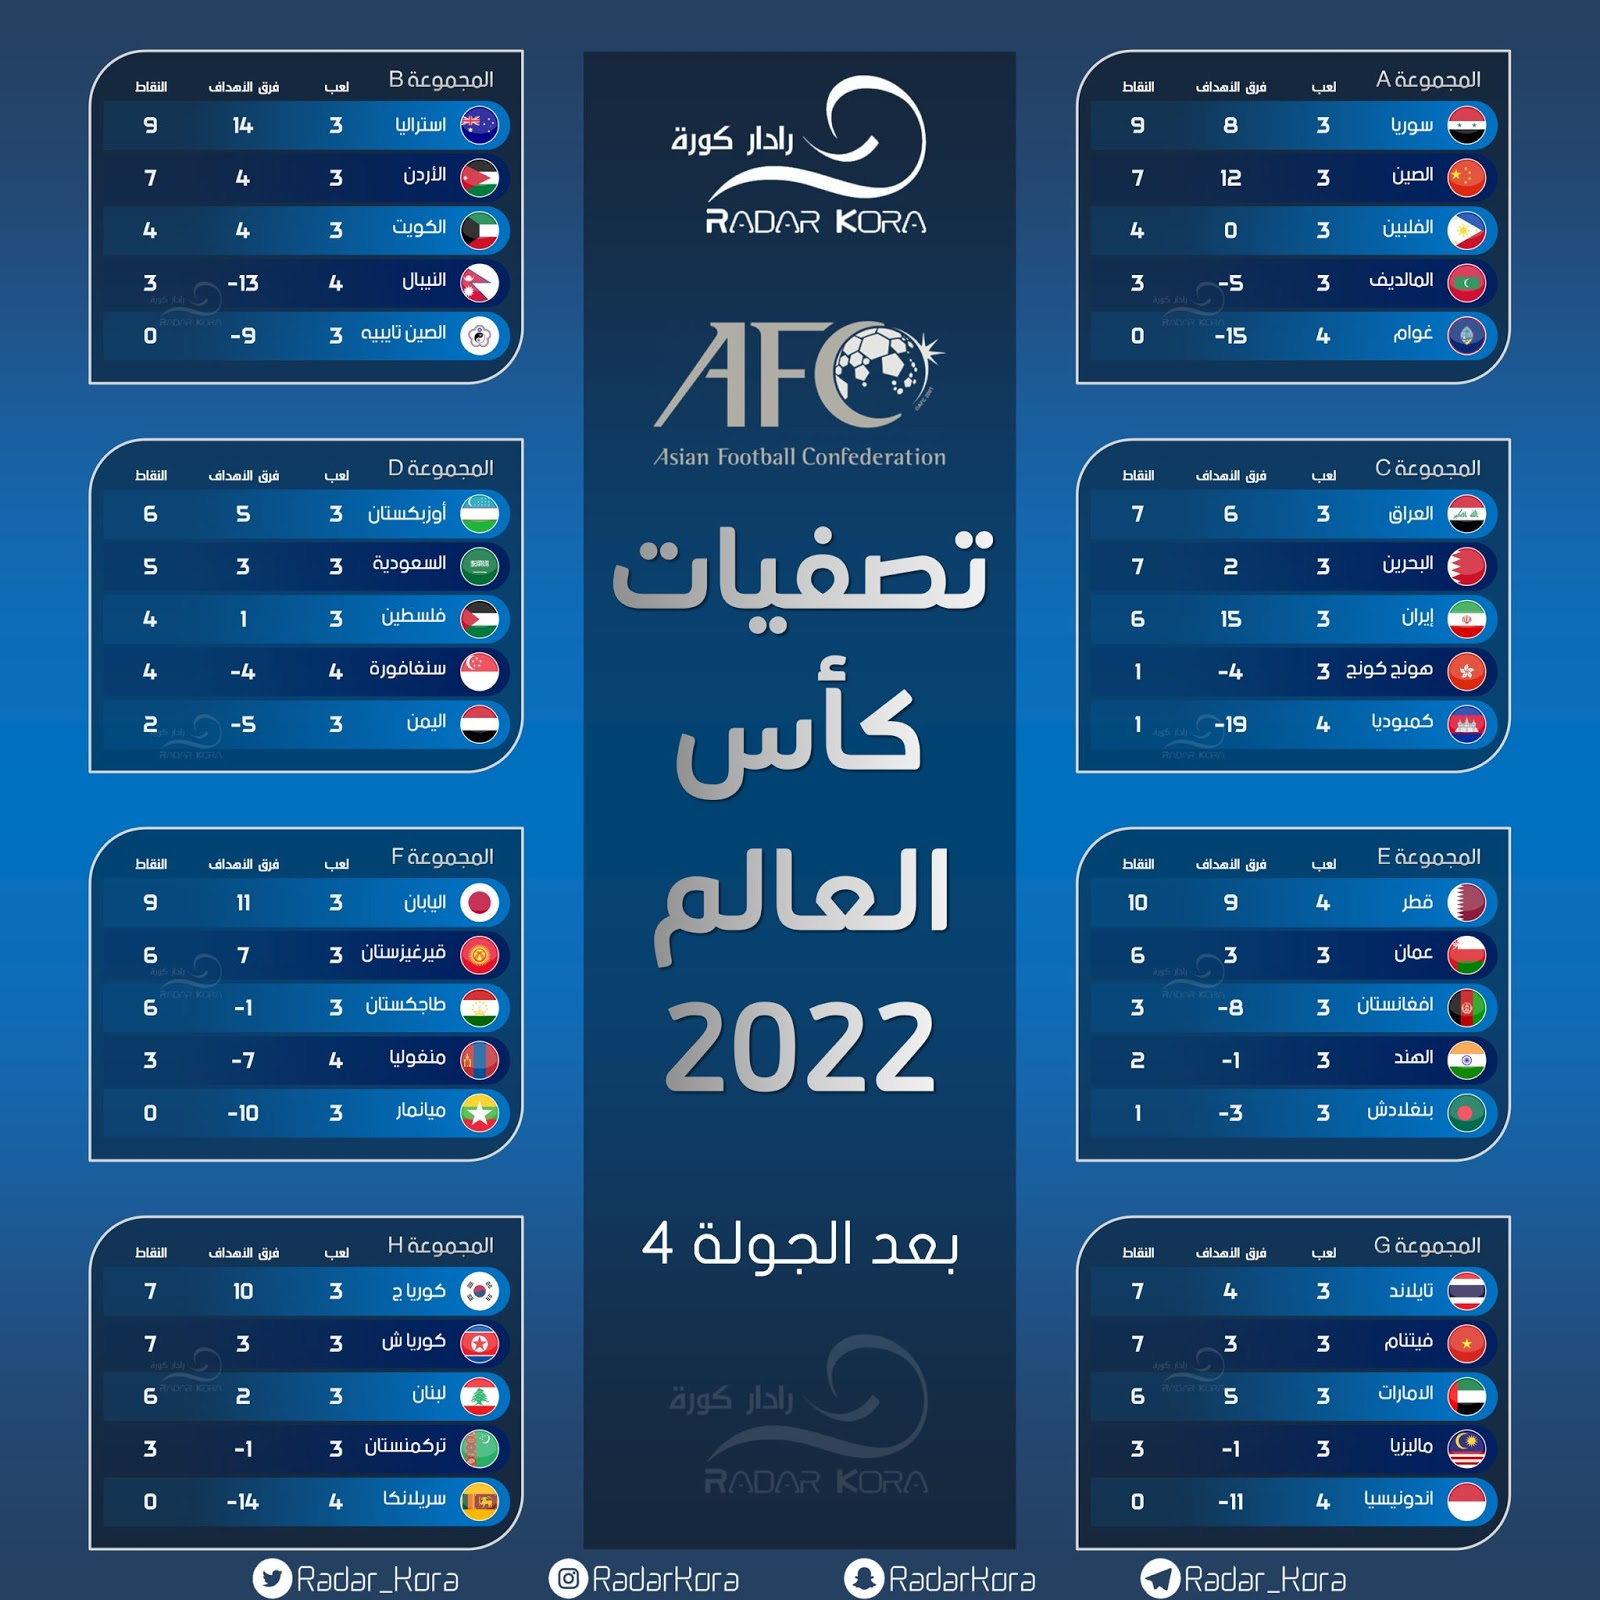 ترتيب المجموعات بعد الجولة 4 في تصفيات كأس العالم 2022 لقارة أسيا